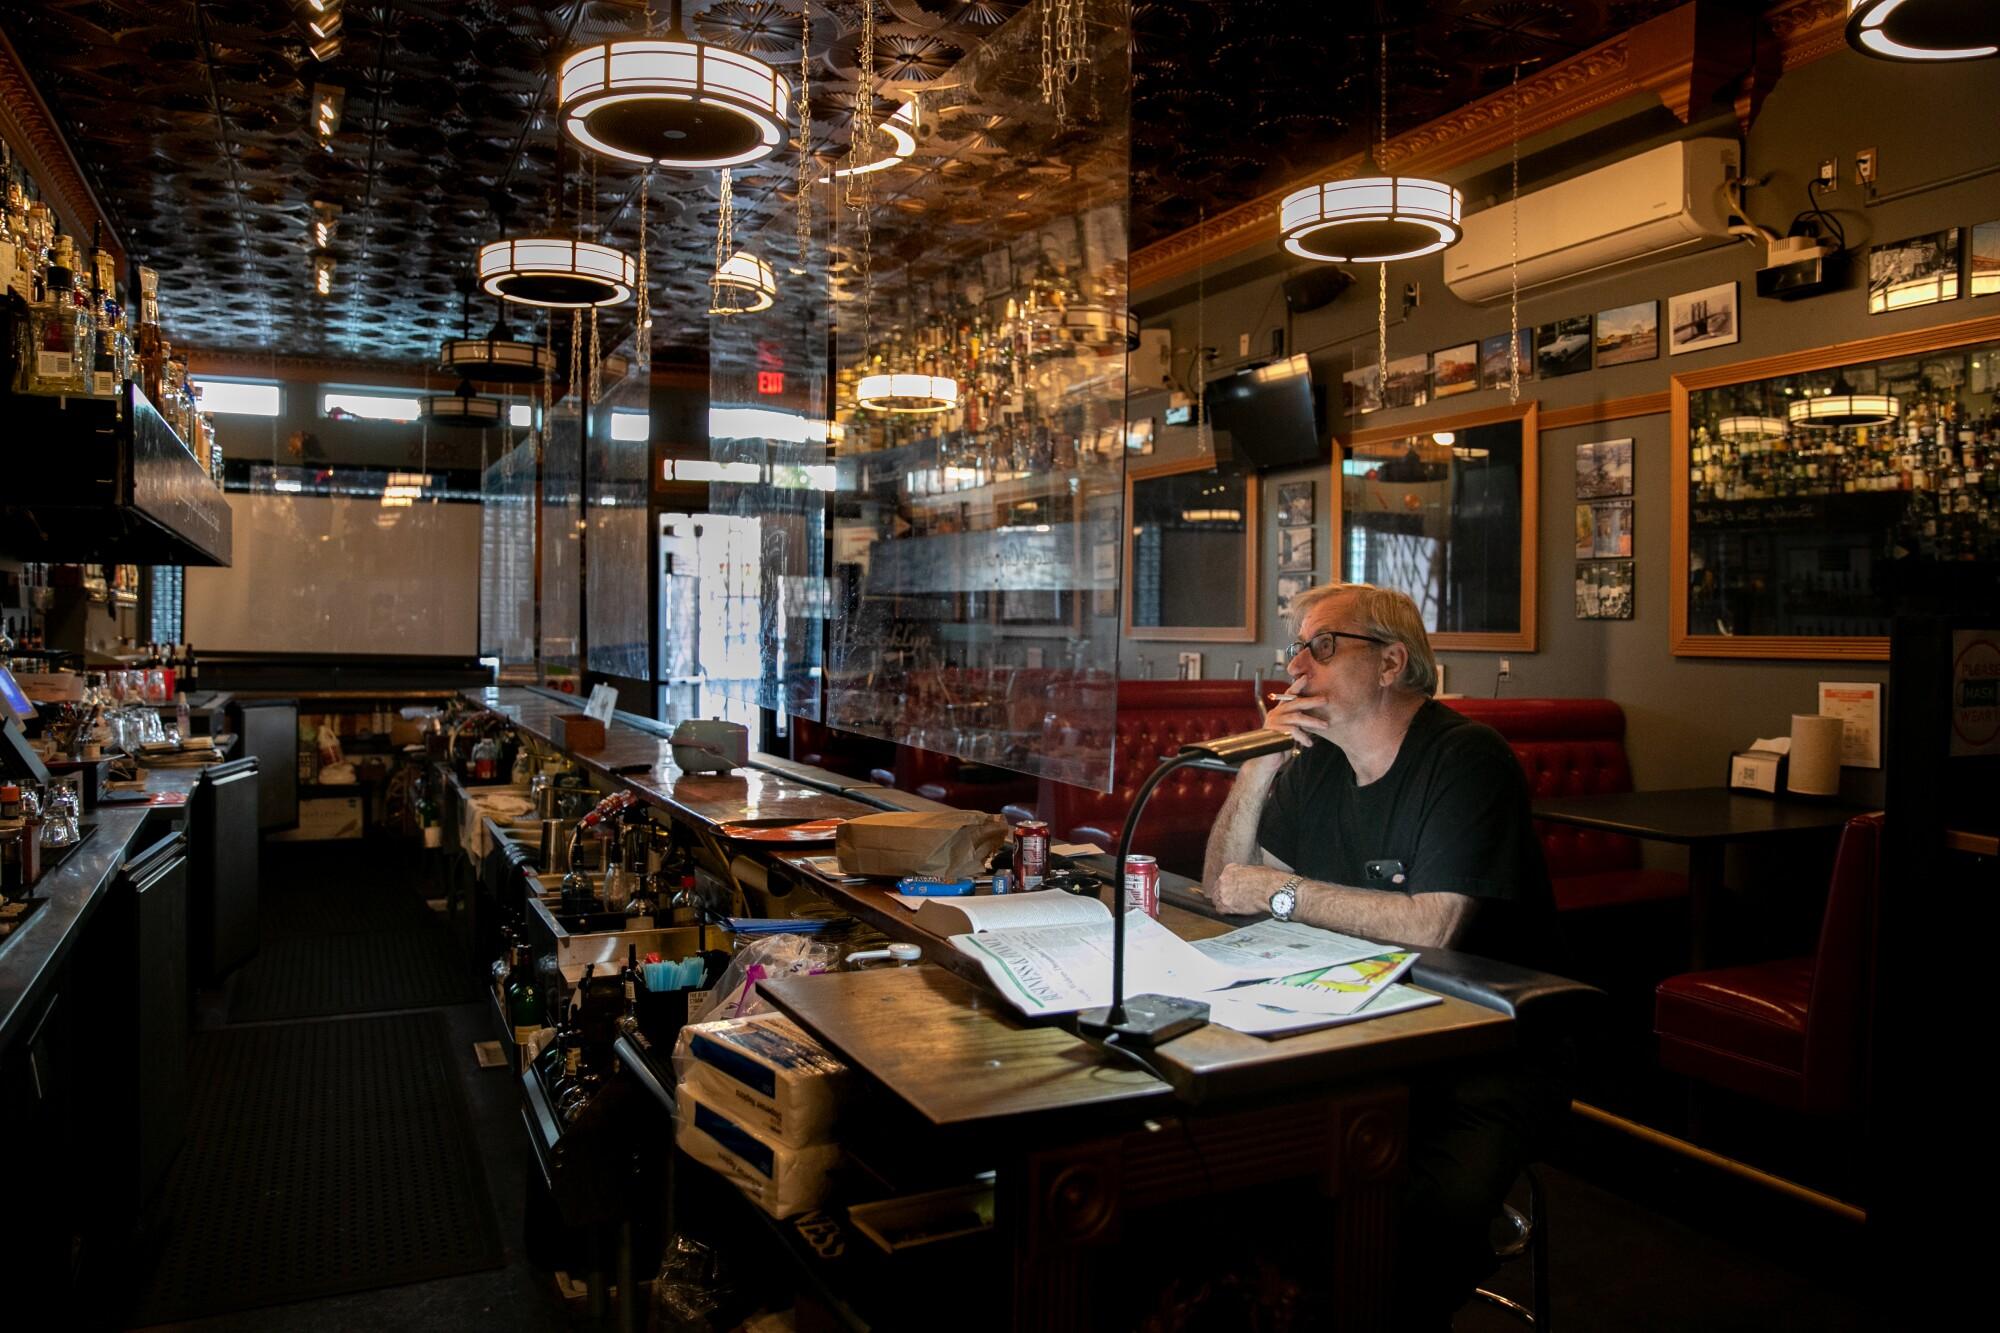 Bill Lutzius, owner of Brooklyn Bar & Grill